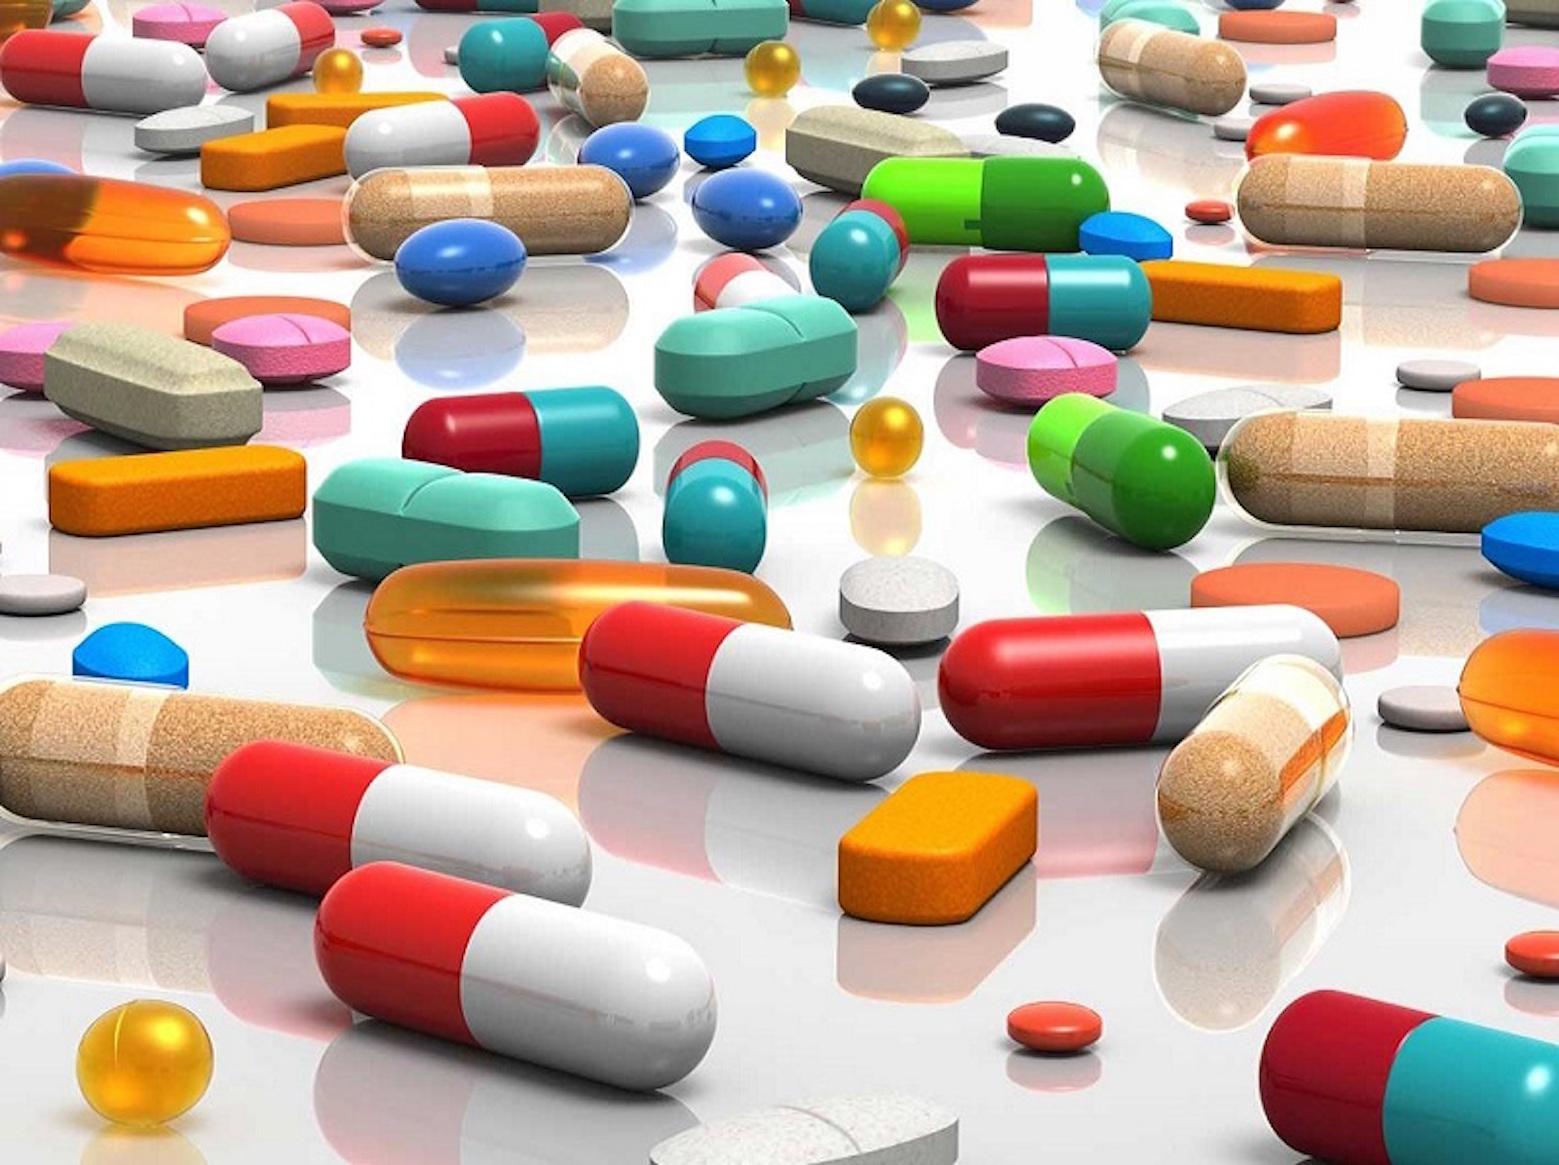 نقش استاتین ها در حفاظت برابر بیماری های عفونی